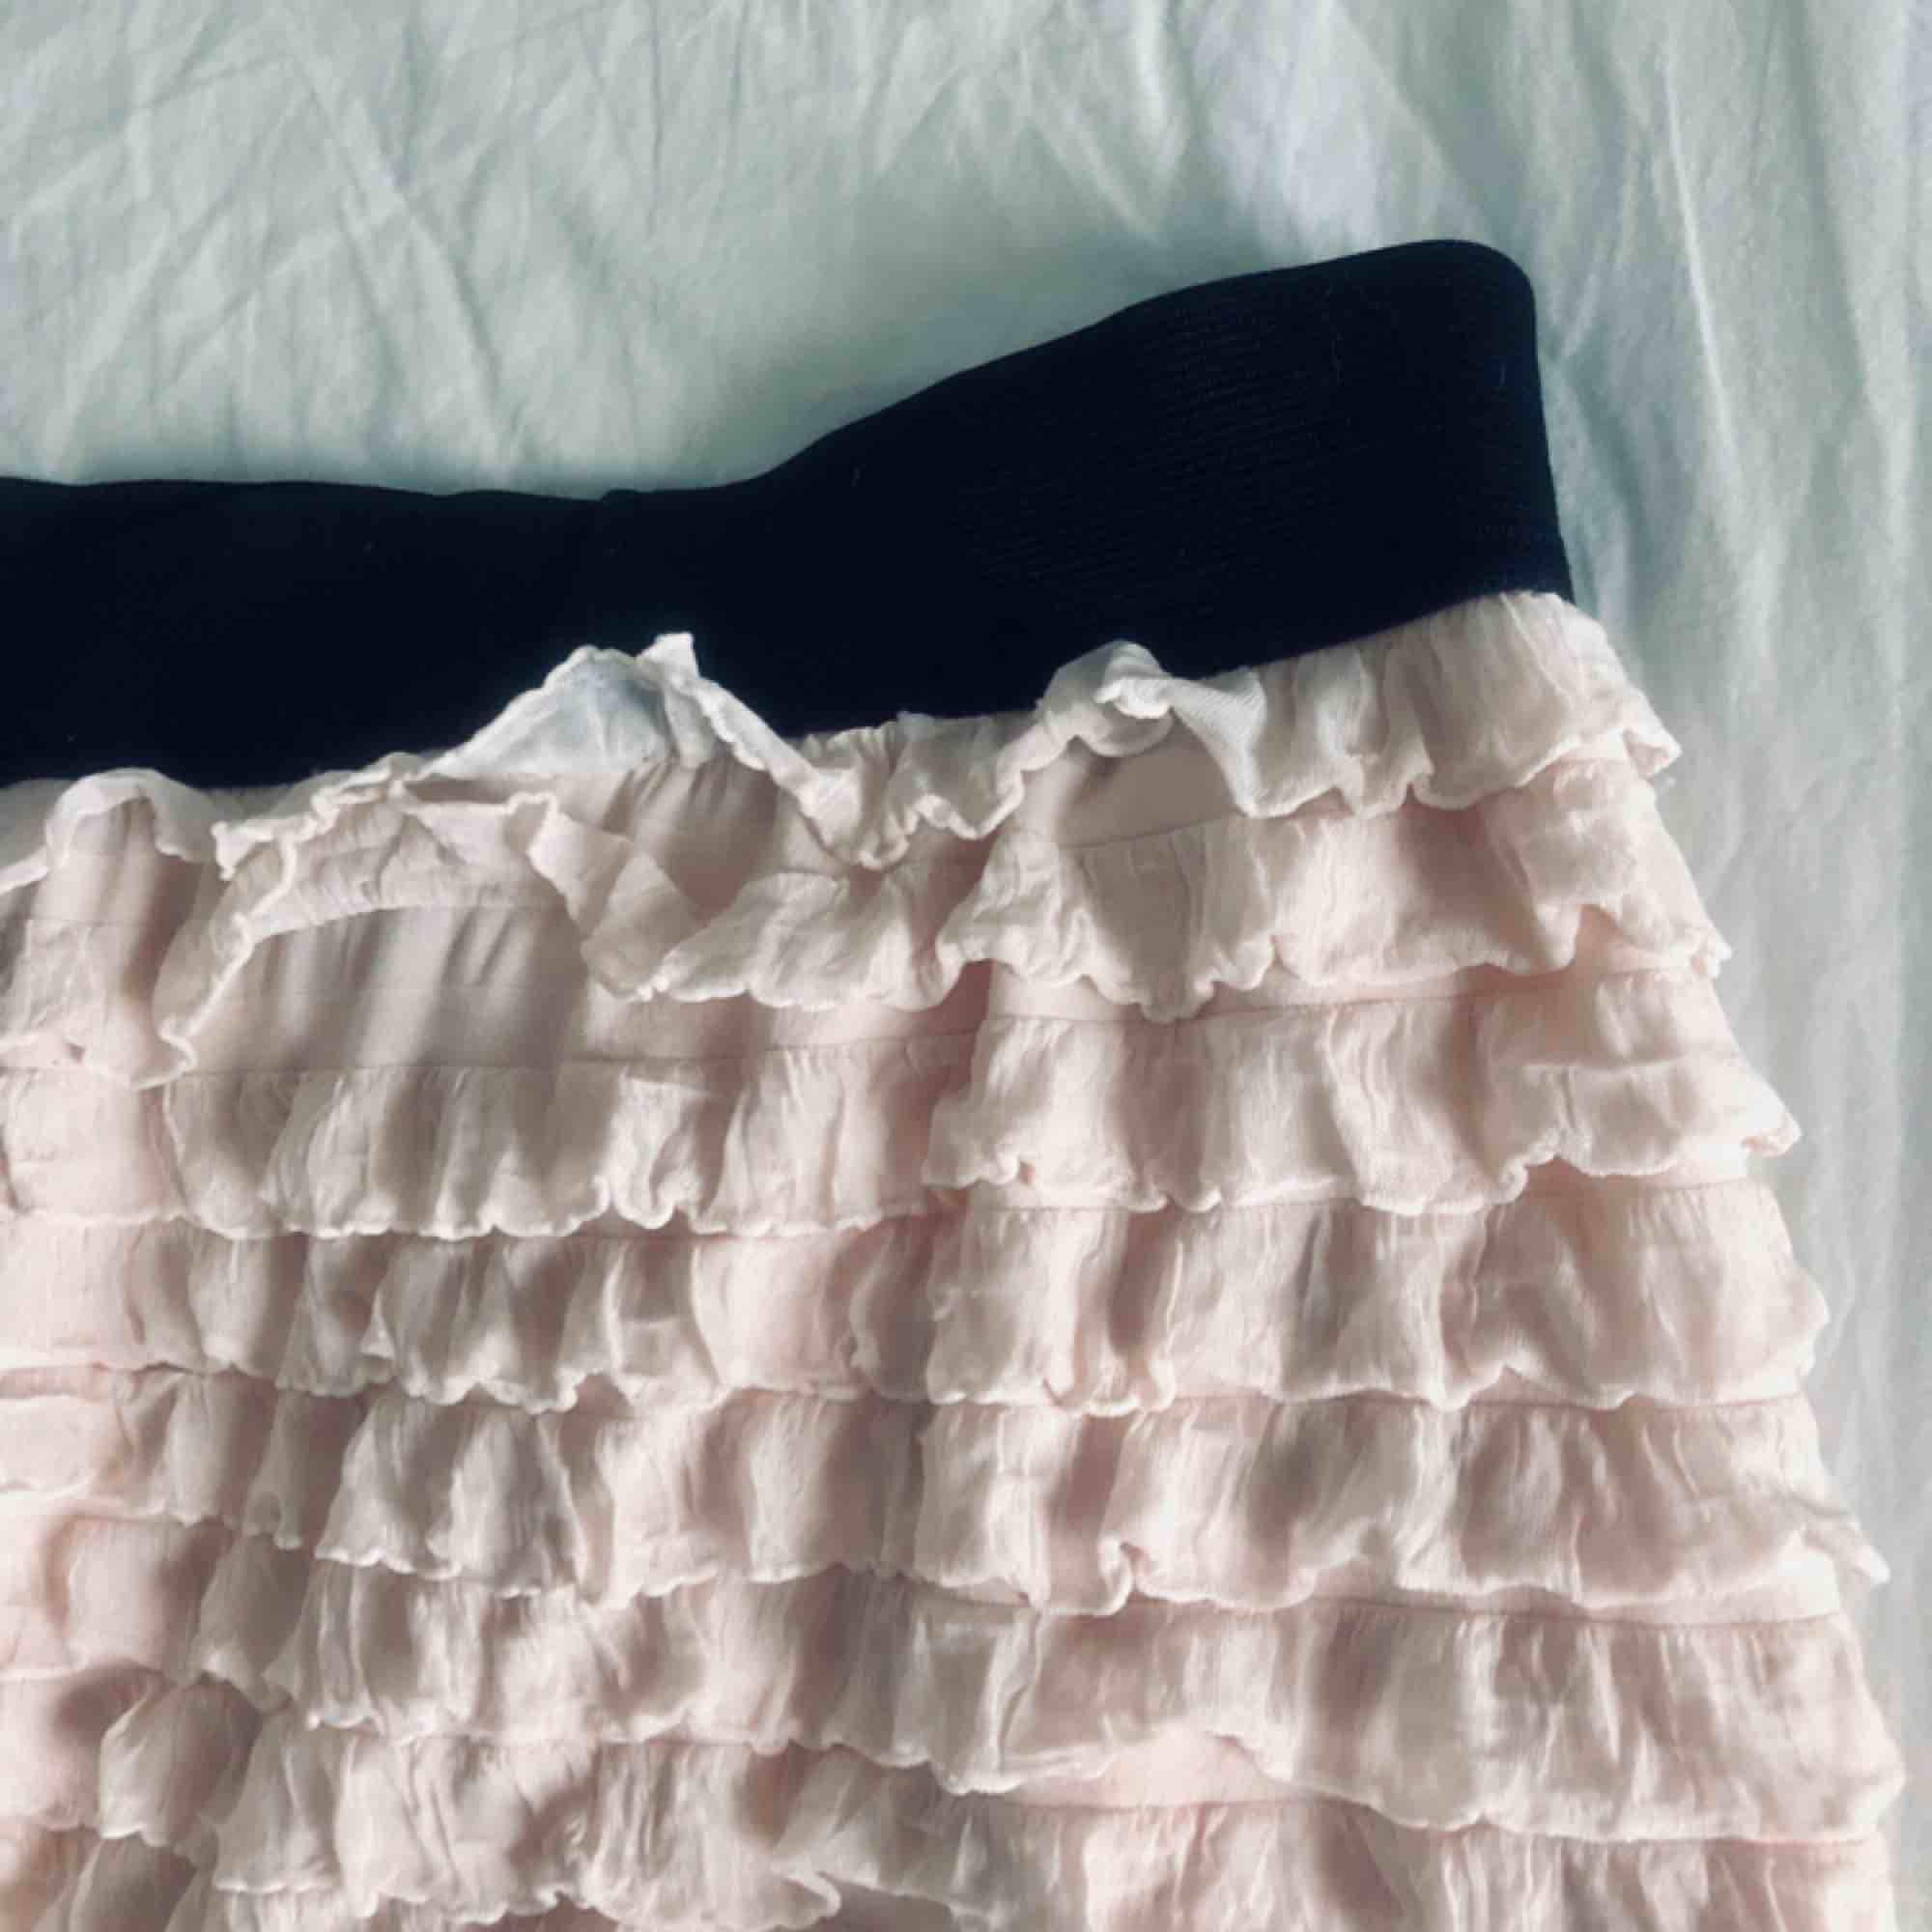 Nypris: 500kr Supersnygg kjol i en ljusrosa/beige färg! Använd 2 gånger. Liten i storlek, passar även m och i vissa fall s! Köparen står för frakt. Kjolar.